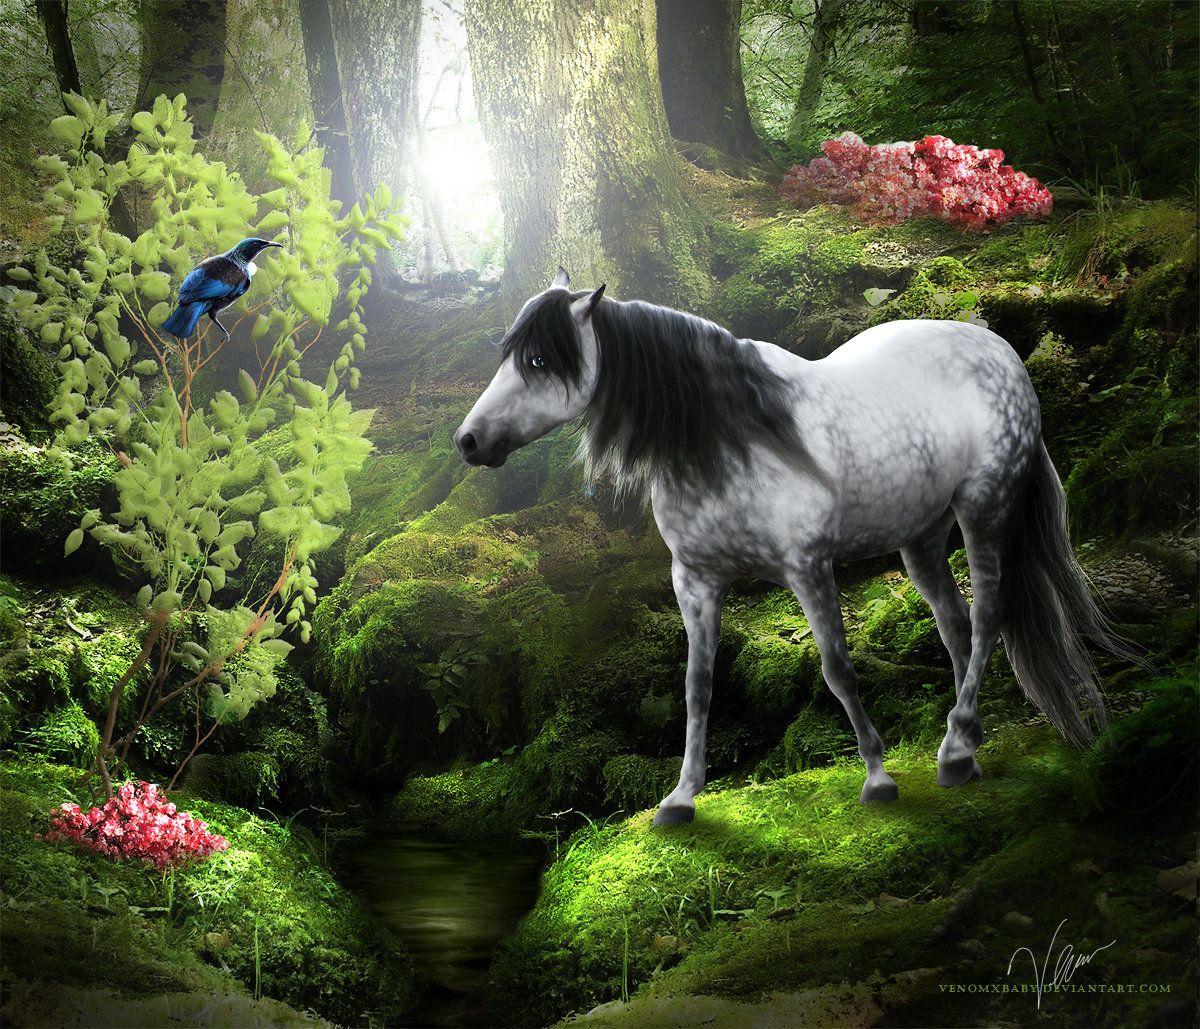 walk through the woods by venomxbaby on DeviantArt